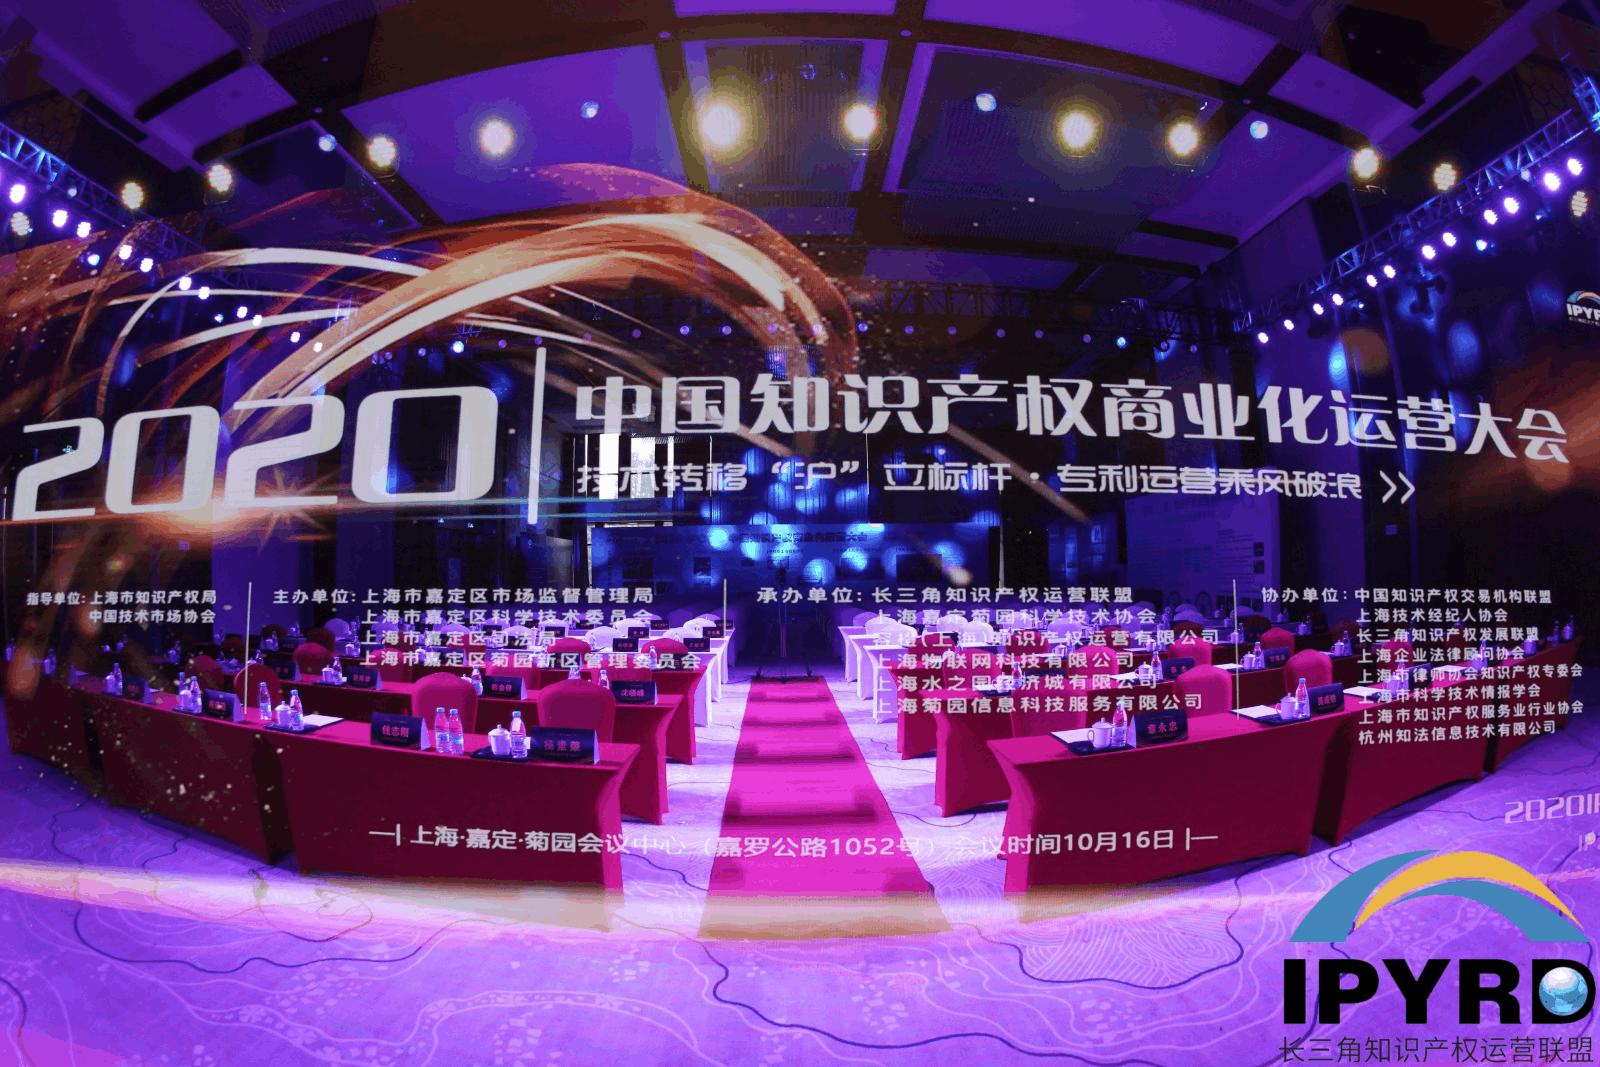 """技术转移""""沪""""立标杆·专利运营乘风破浪 2020中国知识产权商业化运营大会在嘉定菊园成功举办插图"""